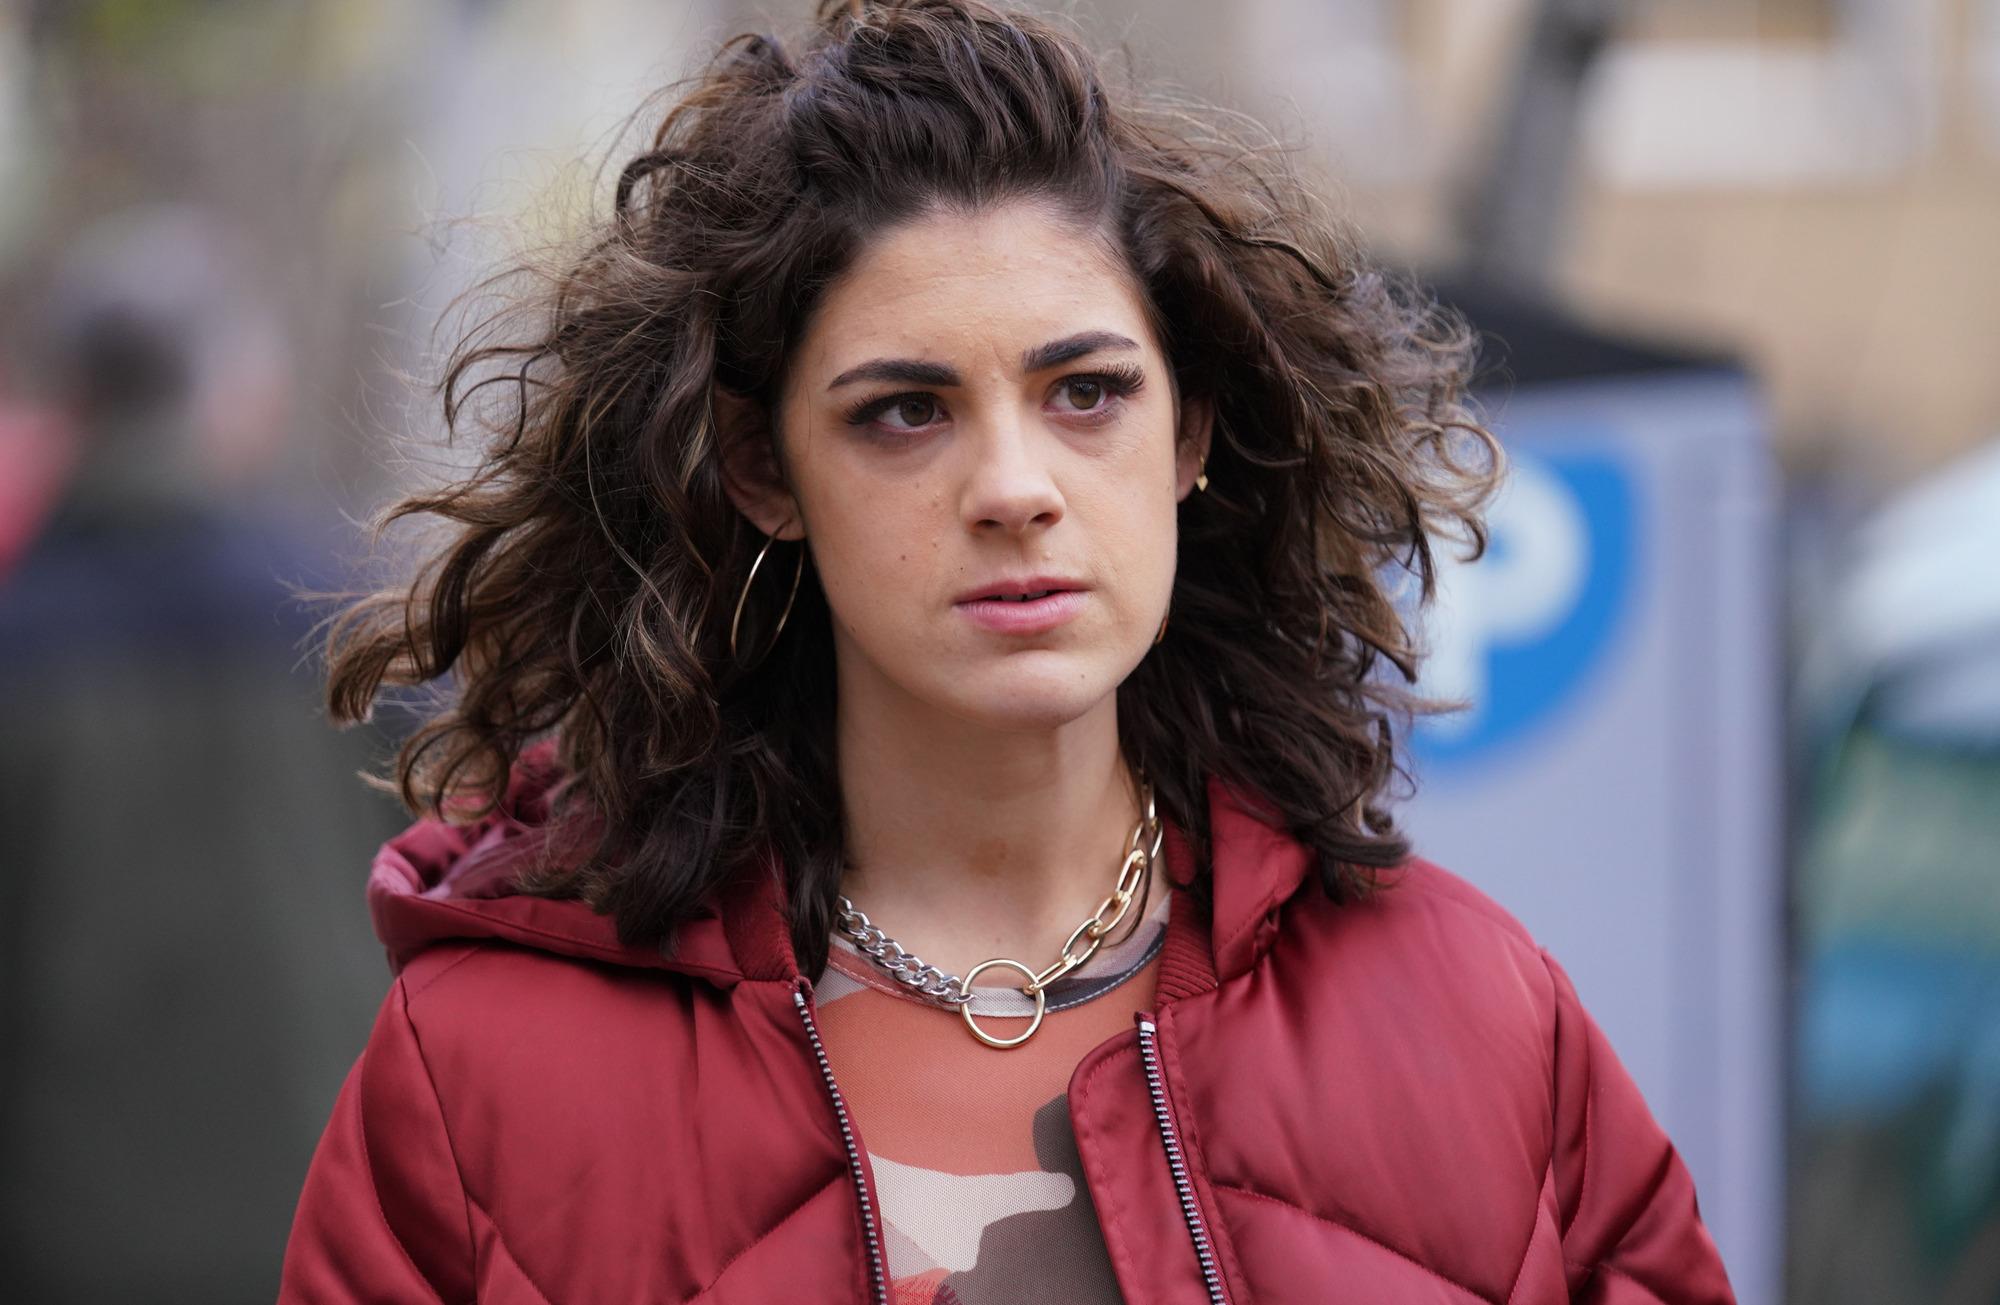 Sophia Capasso playing Evie Steele in Eastenders